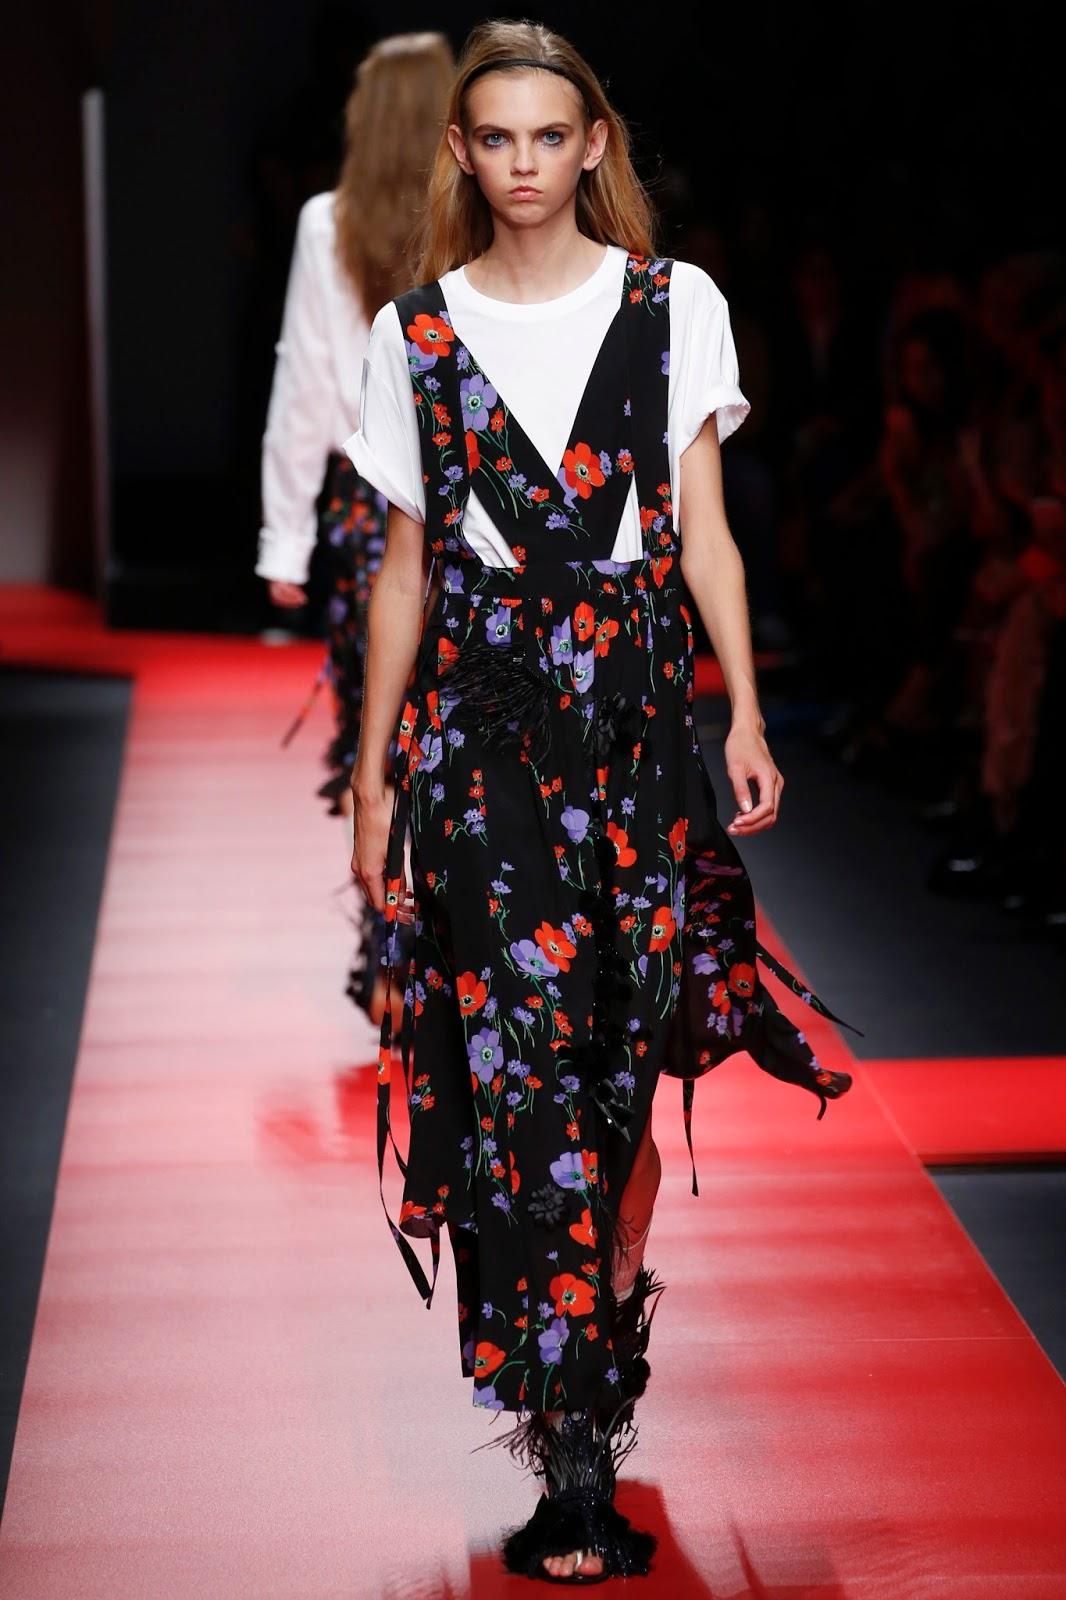 milan fashion week, look, spring 2016, model, catwalk